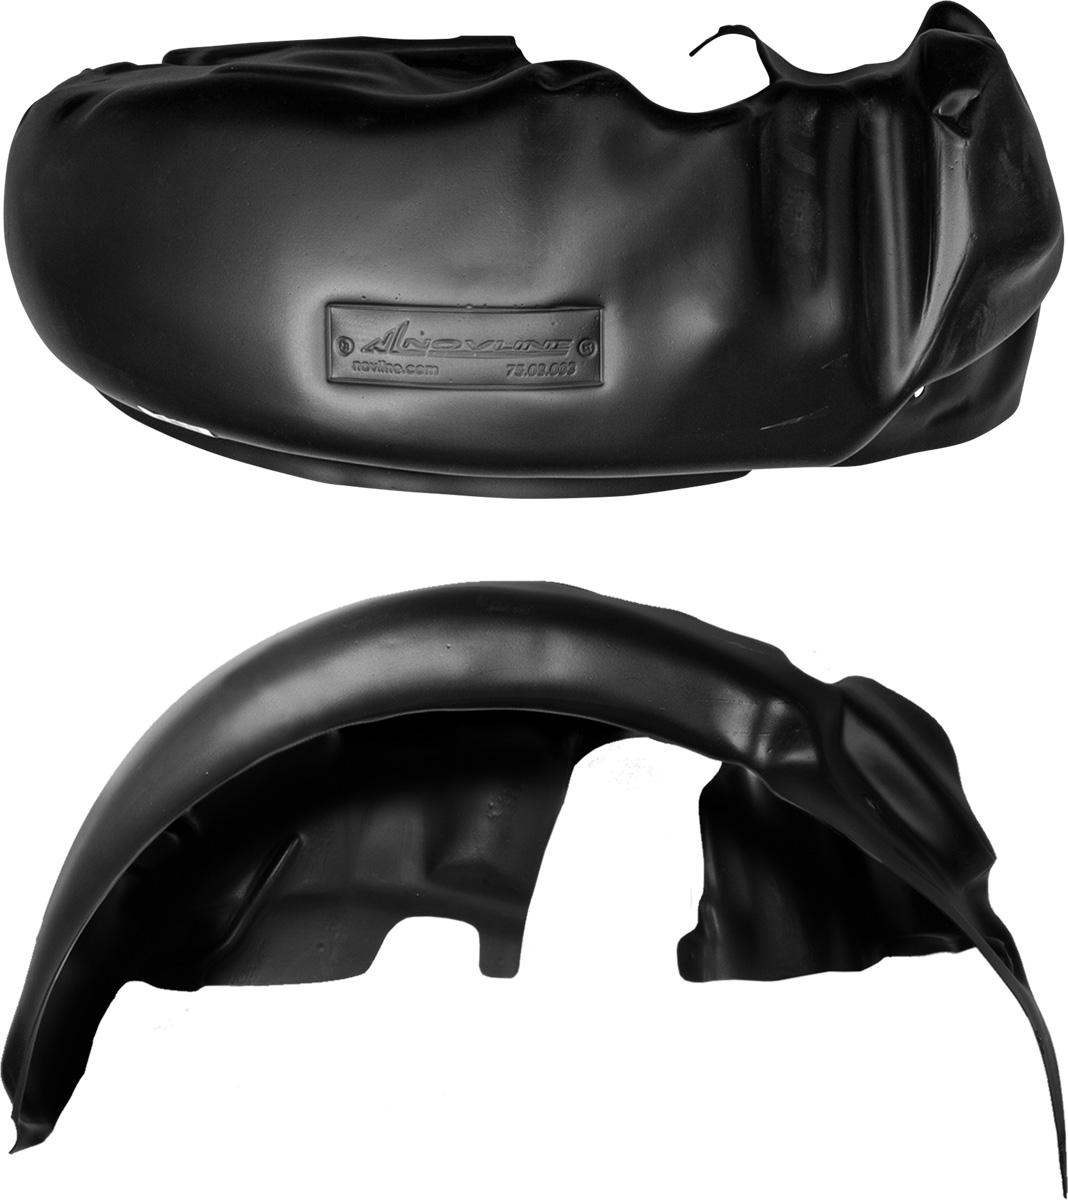 Подкрылок Novline-Autofamily, для Mitsubishi Pajero Sport, 2008->, передний правыйNLL.35.20.002Колесные ниши - одни из самых уязвимых зон днища вашего автомобиля. Они постоянно подвергаются воздействию со стороны дороги. Лучшая, почти абсолютная защита для них - специально отформованные пластиковые кожухи, которые называются подкрылками. Производятся они как для отечественных моделей автомобилей, так и для иномарок. Подкрылки Novline-Autofamily выполнены из высококачественного, экологически чистого пластика. Обеспечивают надежную защиту кузова автомобиля от пескоструйного эффекта и негативного влияния, агрессивных антигололедных реагентов. Пластик обладает более низкой теплопроводностью, чем металл, поэтому в зимний период эксплуатации использование пластиковых подкрылков позволяет лучше защитить колесные ниши от налипания снега и образования наледи. Оригинальность конструкции подчеркивает элегантность автомобиля, бережно защищает нанесенное на днище кузова антикоррозийное покрытие и позволяет осуществить крепление подкрылков внутри колесной арки практически без дополнительного крепежа и сверления, не нарушая при этом лакокрасочного покрытия, что предотвращает возникновение новых очагов коррозии. Подкрылки долговечны, обладают высокой прочностью и сохраняют заданную форму, а также все свои физико-механические характеристики в самых тяжелых климатических условиях (от -50°С до +50°С).Уважаемые клиенты!Обращаем ваше внимание, на тот факт, что подкрылок имеет форму, соответствующую модели данного автомобиля. Фото служит для визуального восприятия товара.